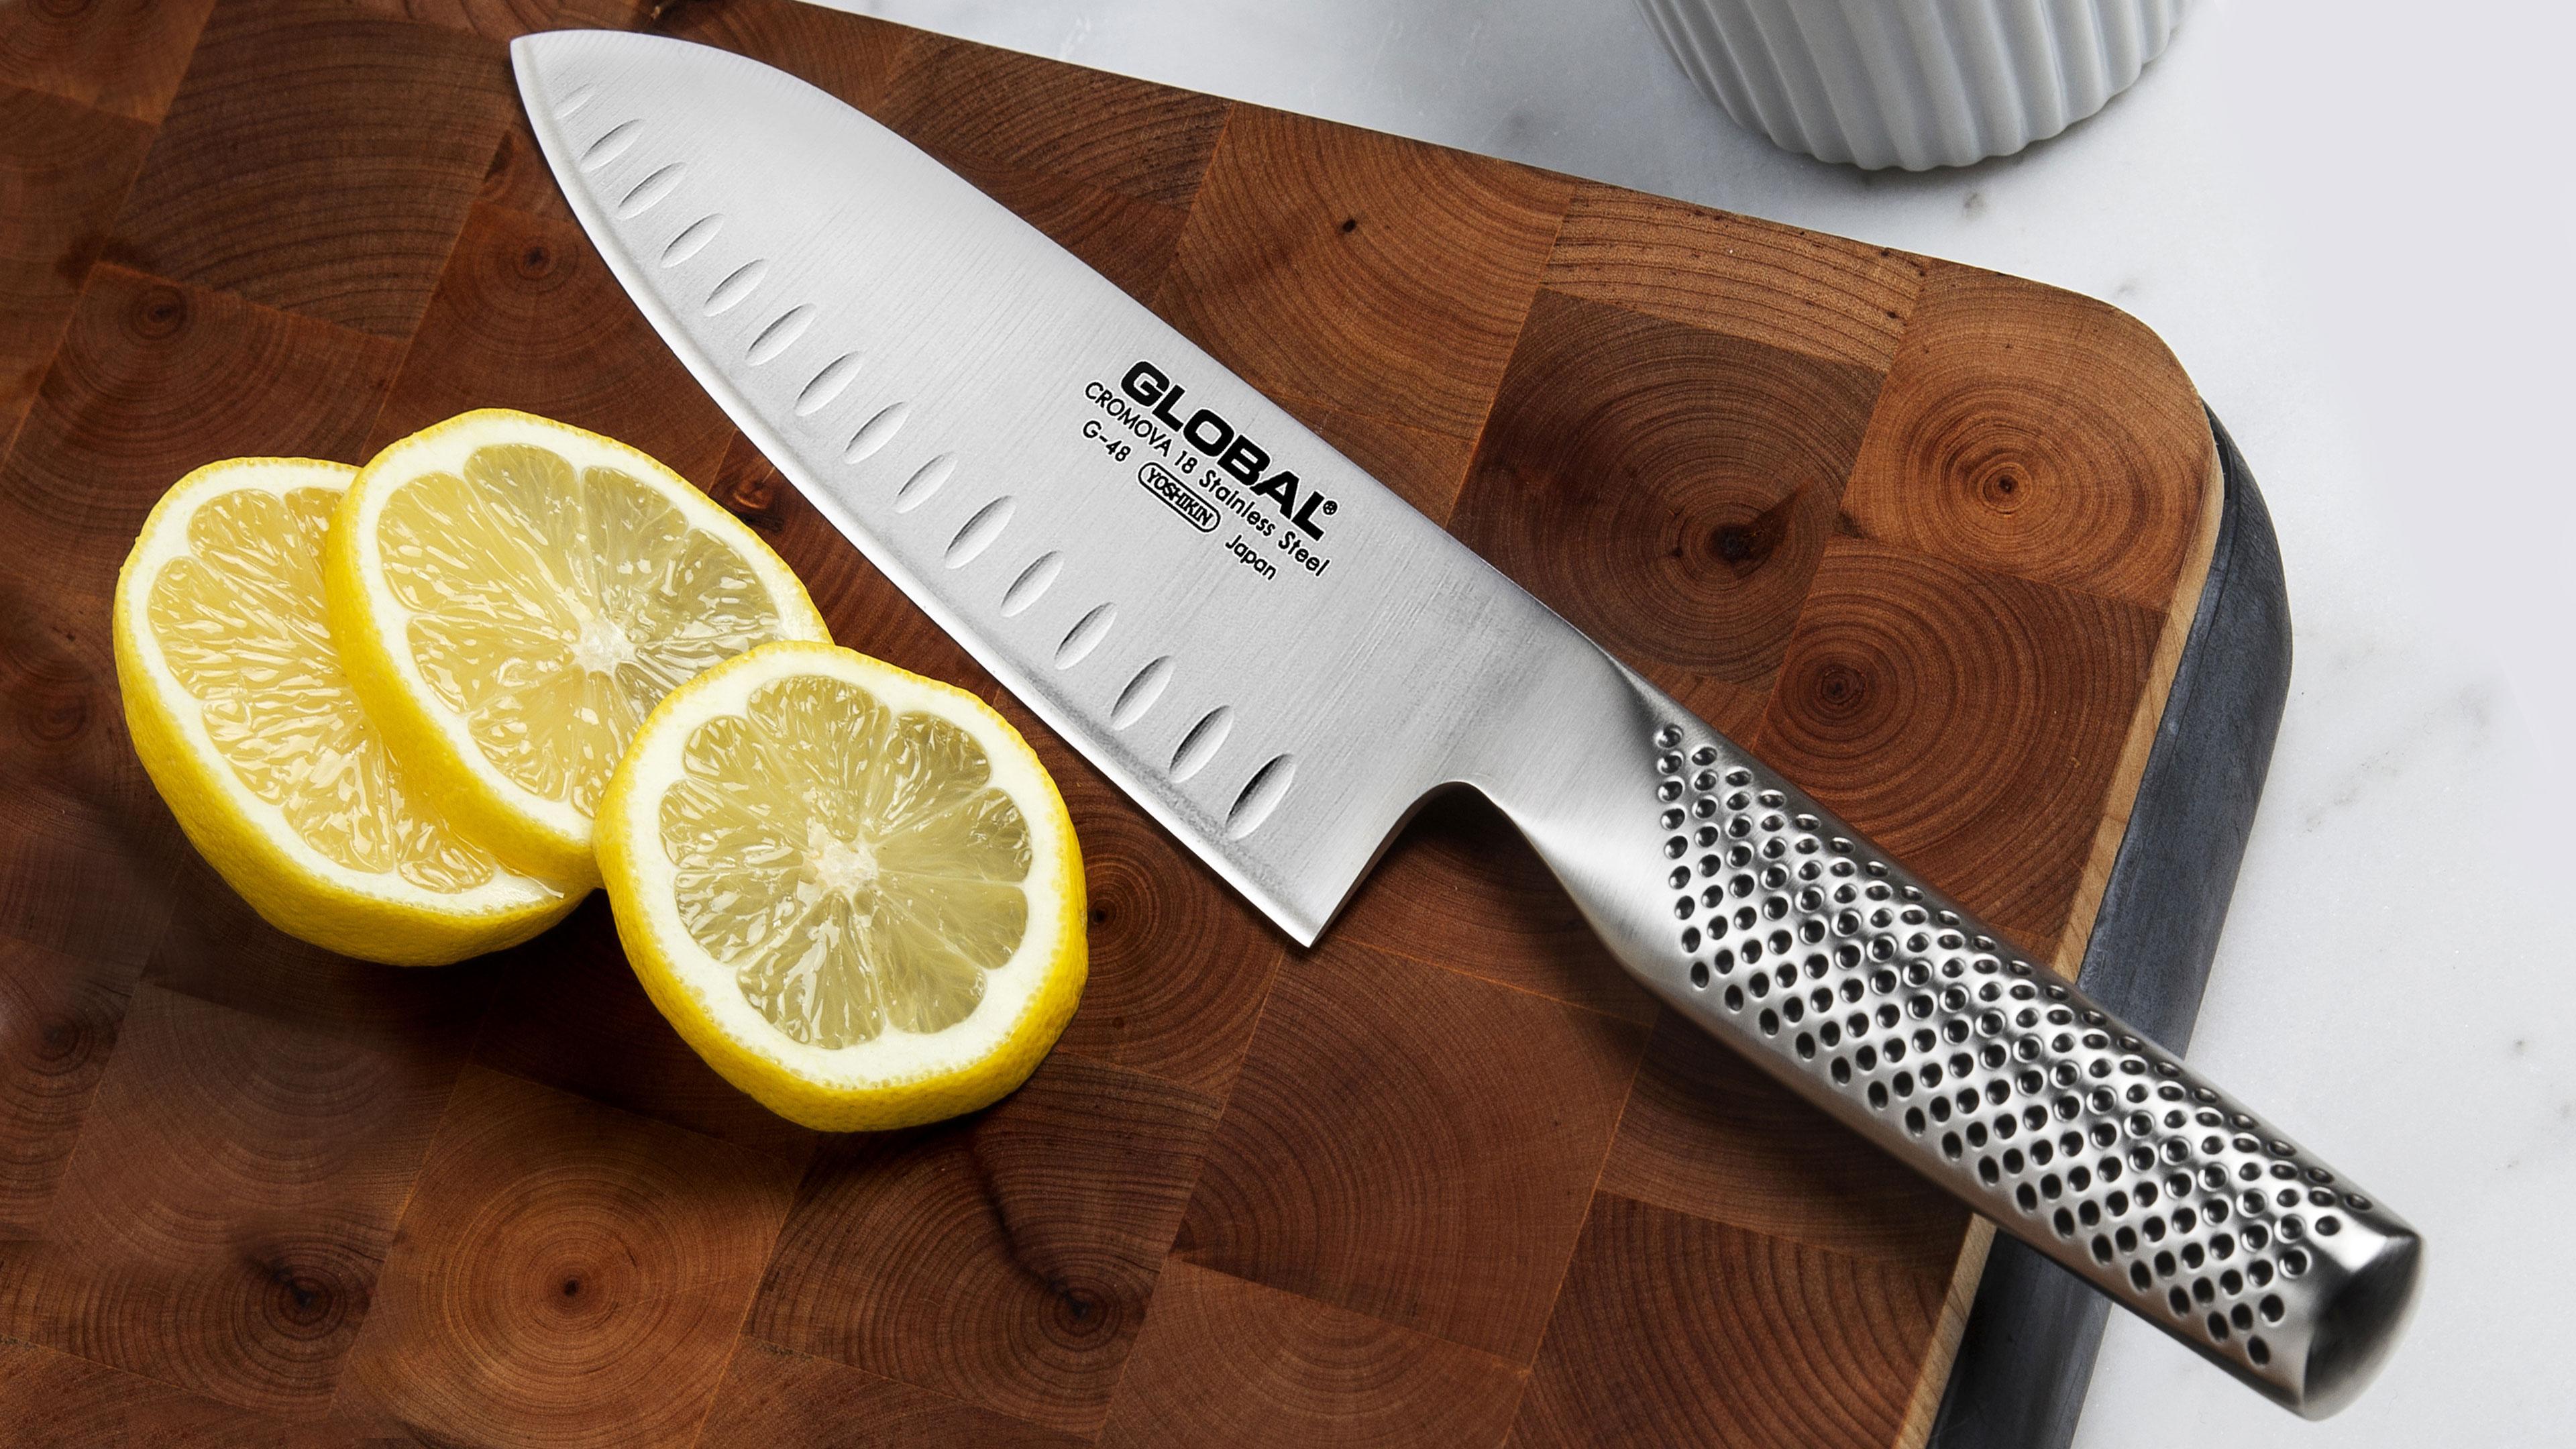 Chef Knives reviews